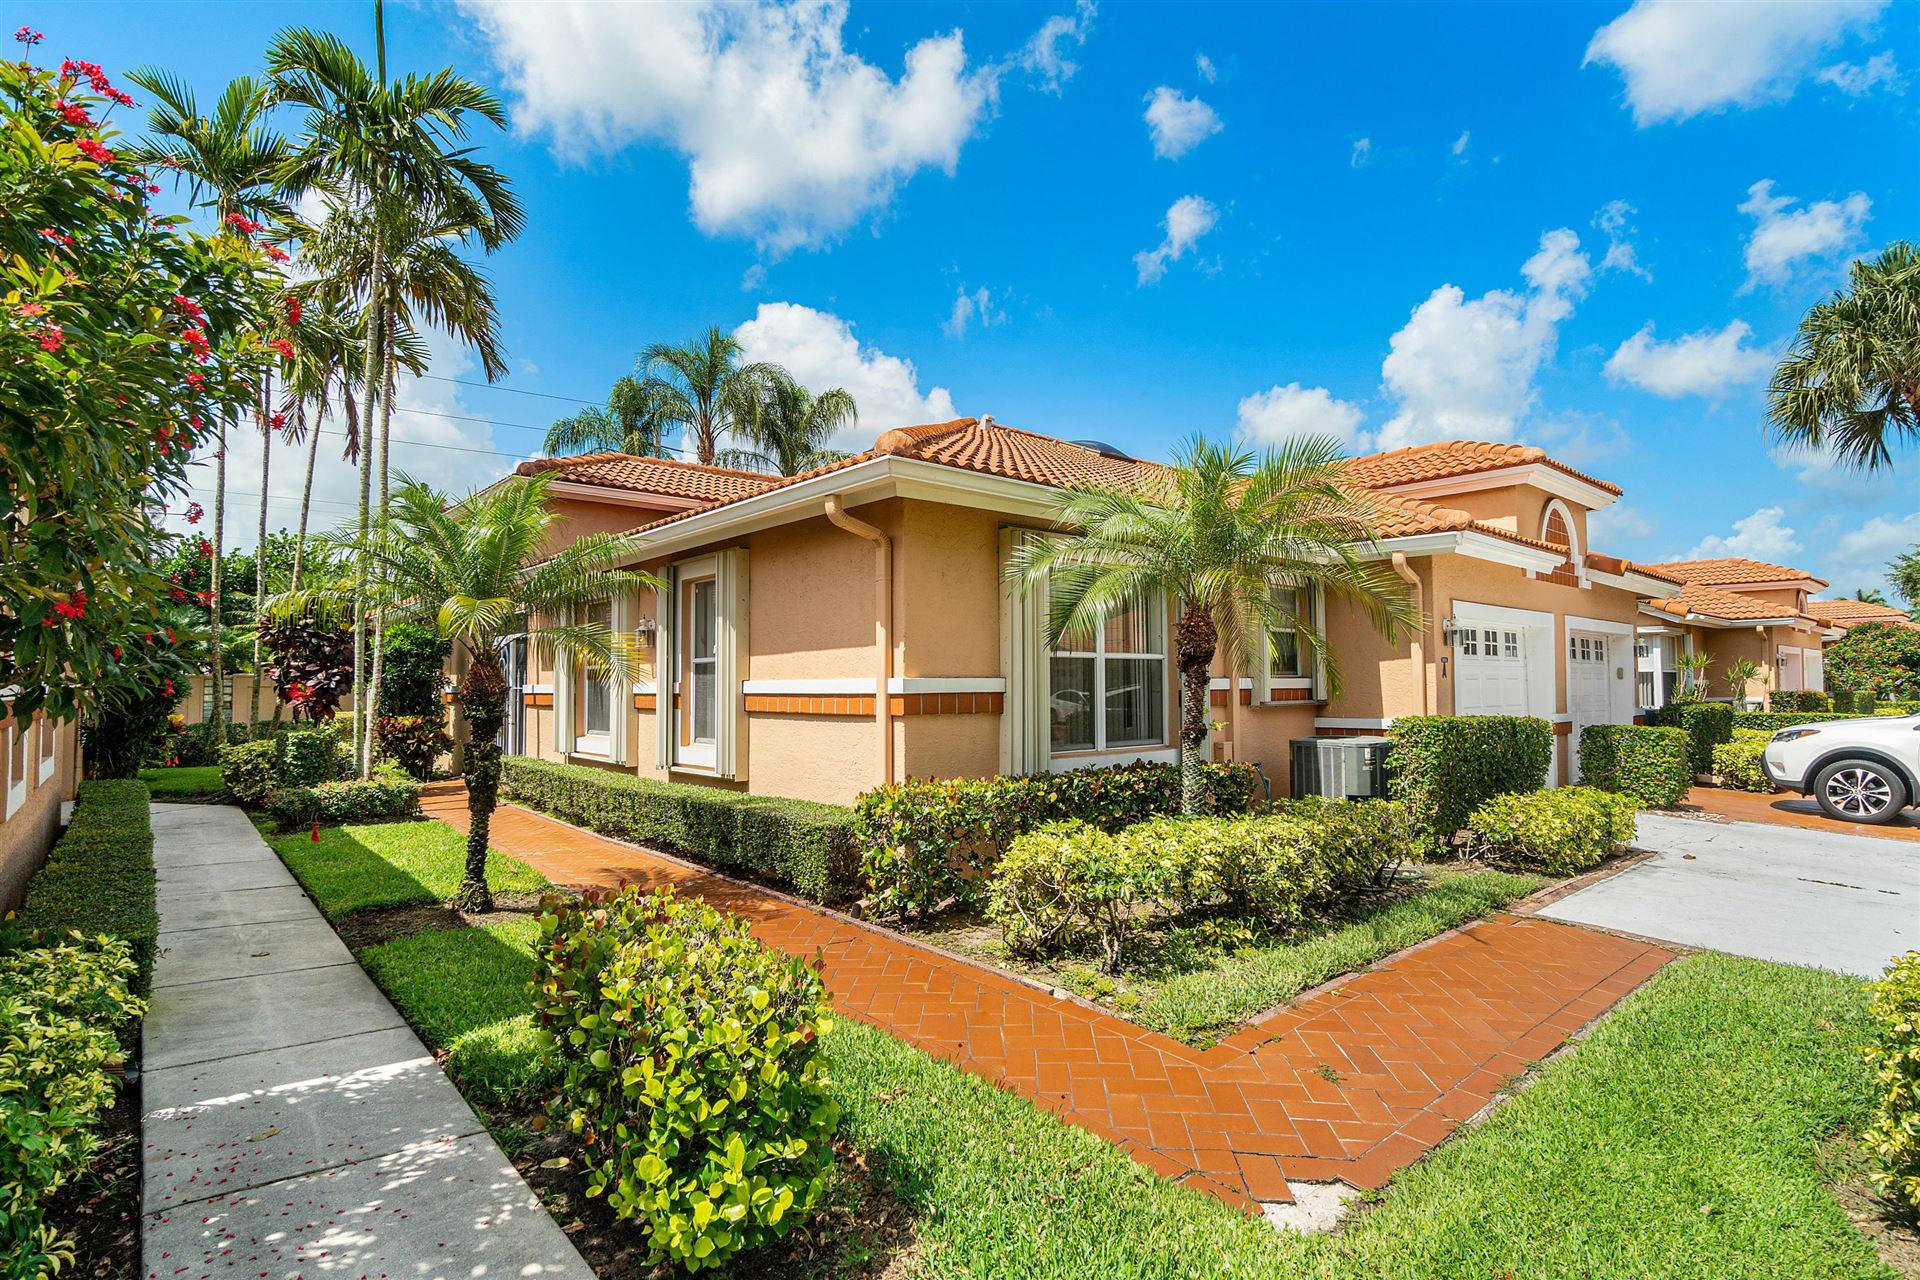 9856 Summerbrook Terrace #A, Boynton Beach, FL 33437 - #: RX-10624816